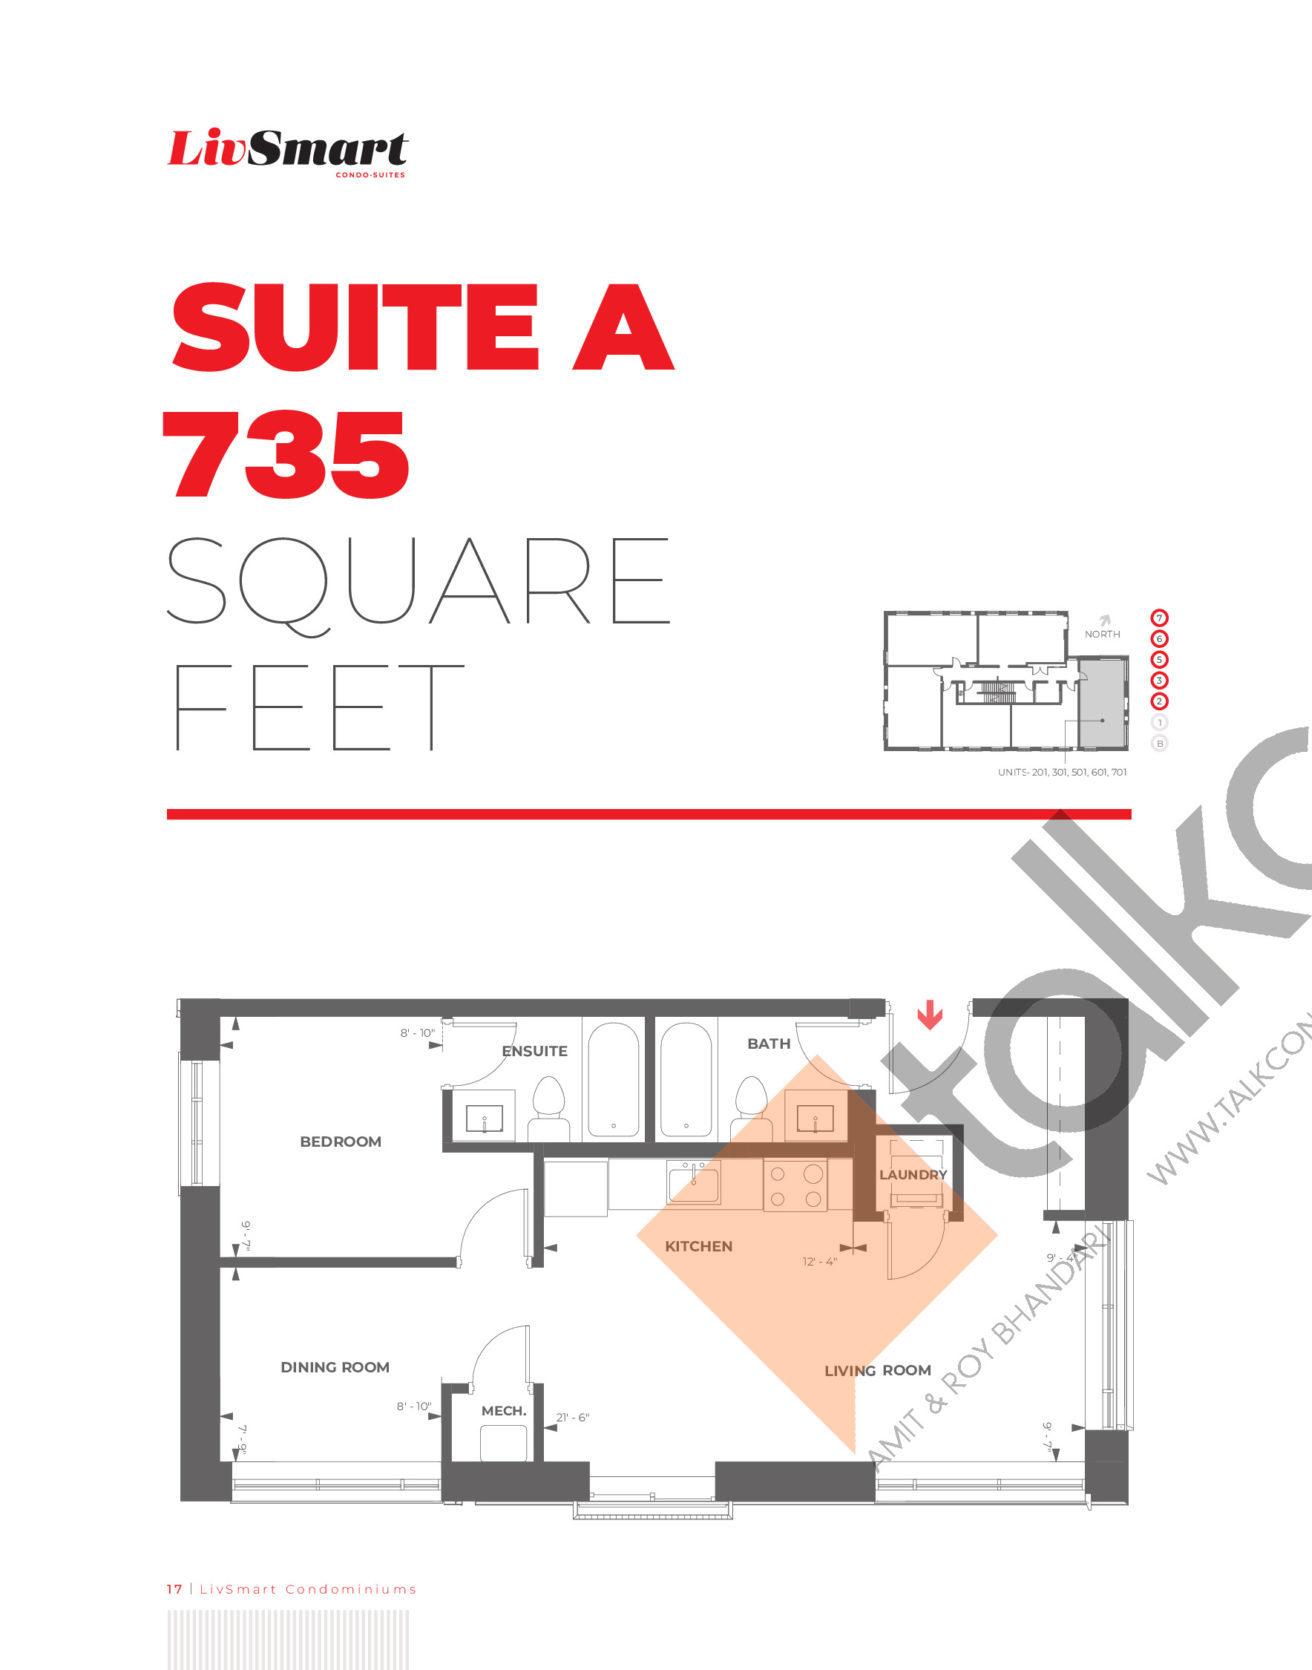 Suite A Floor Plan at LivSmart Condos - 735 sq.ft